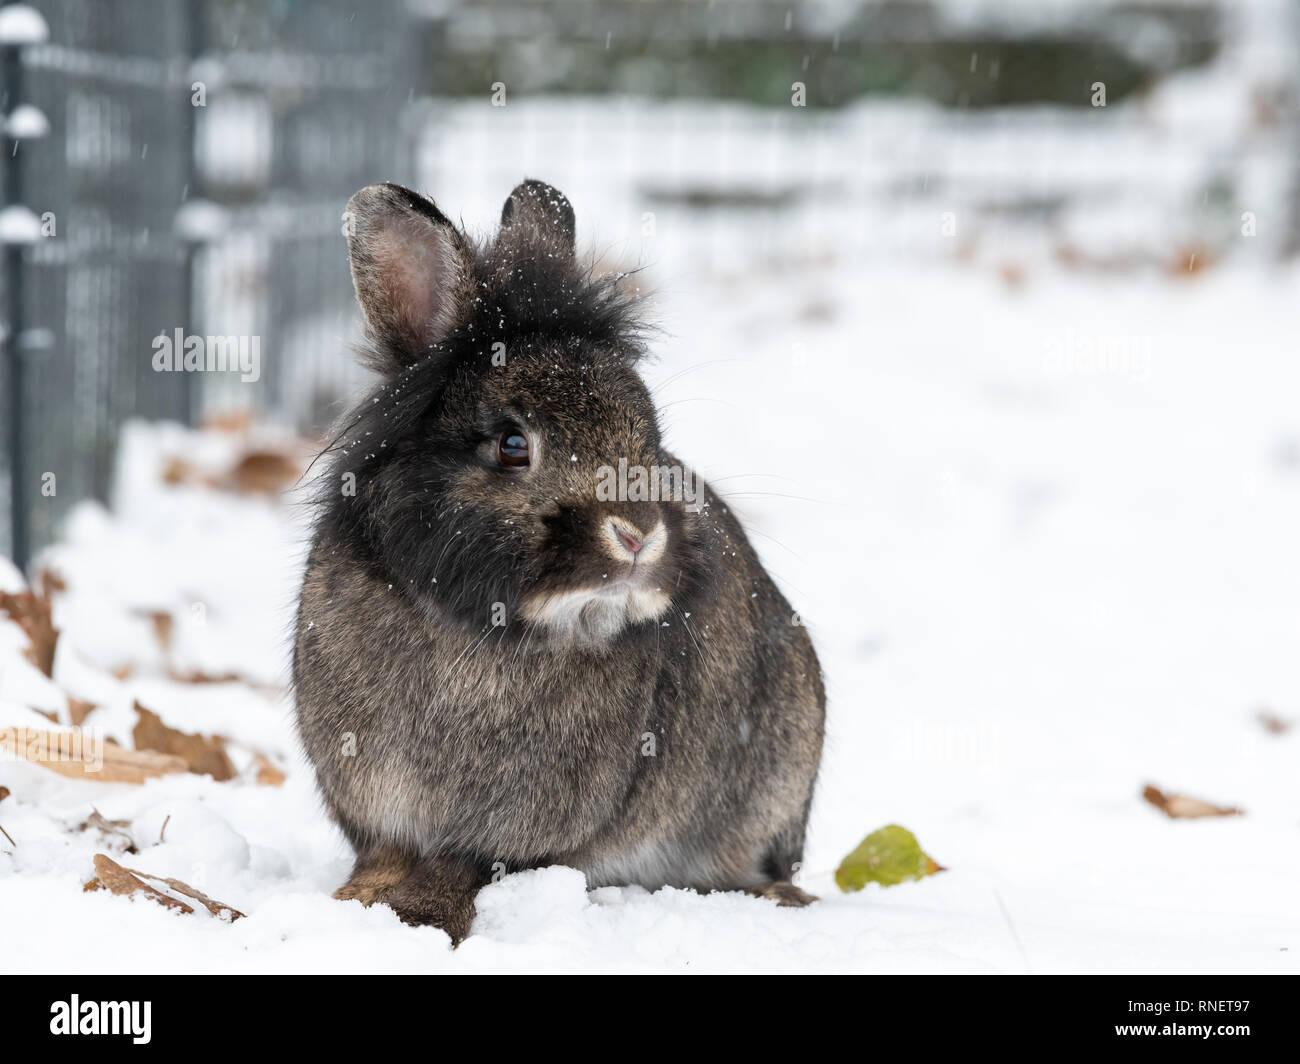 Una enana marrón de conejo (Lions head) sentados en la nieve. Foto de stock